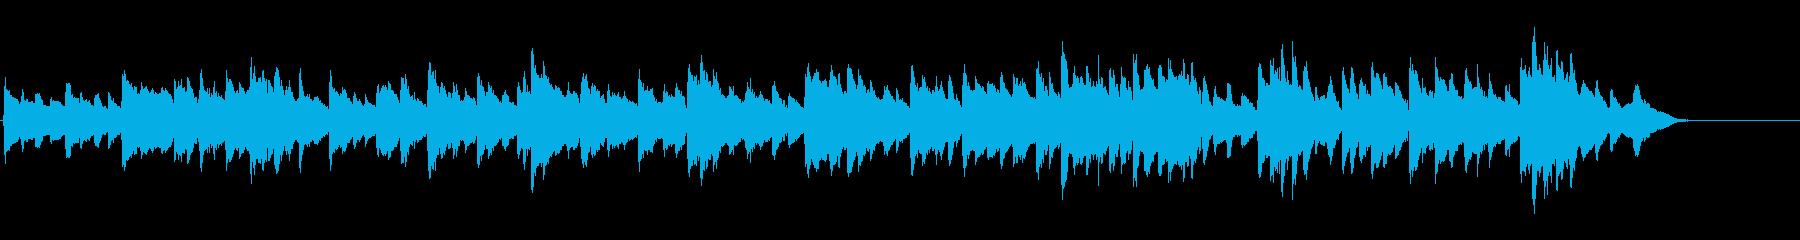 「悲壮」第2楽章 前半部分(ホール)の再生済みの波形